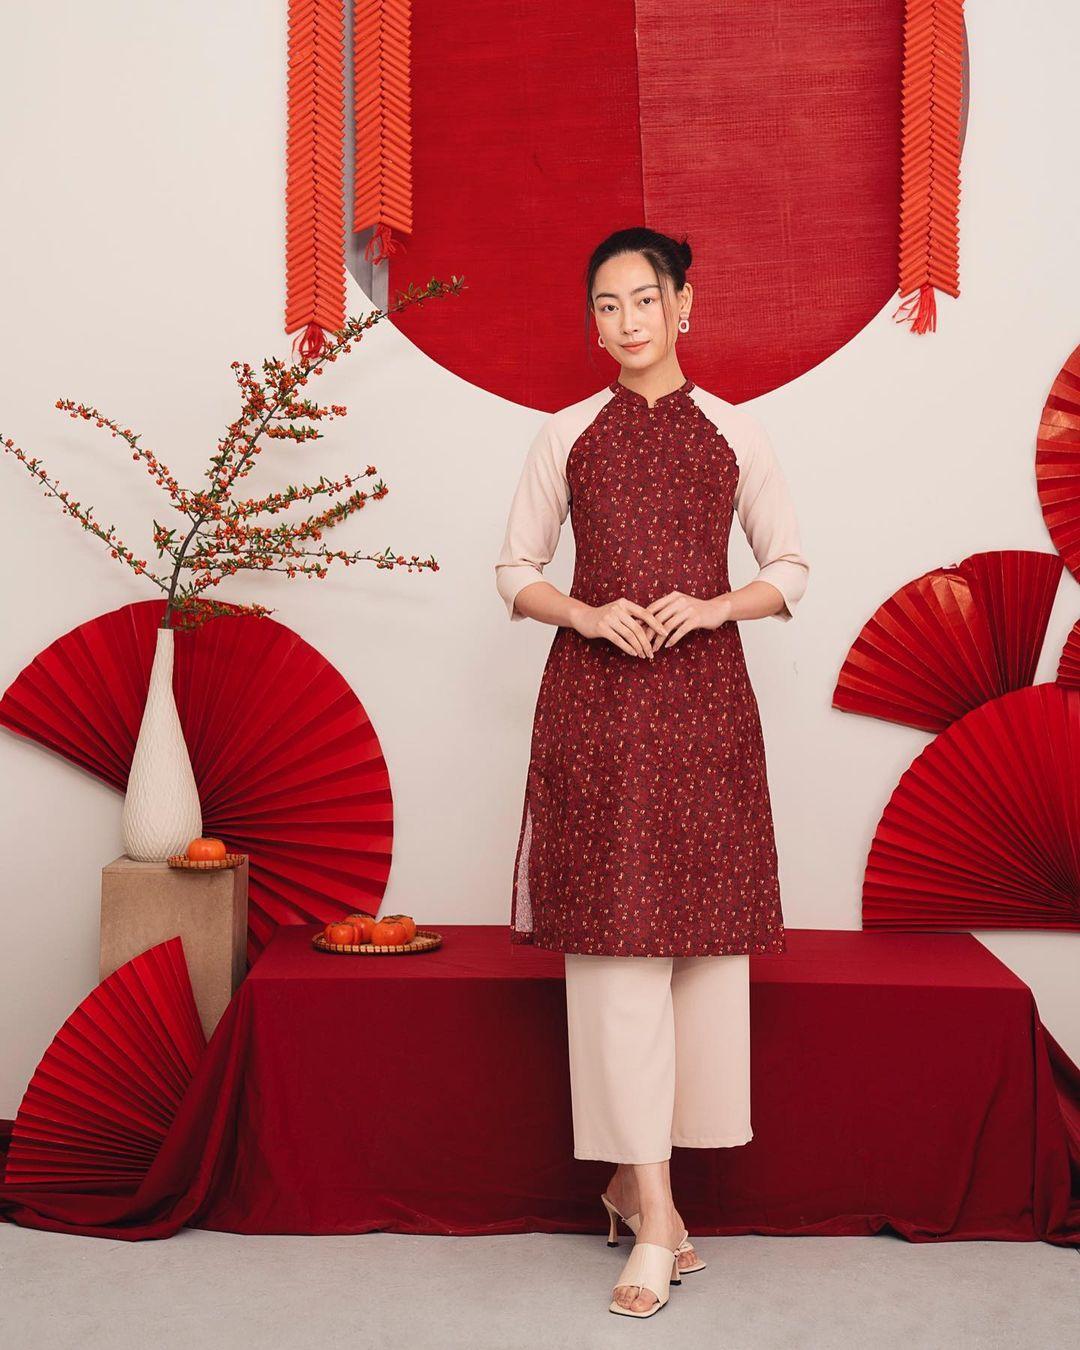 8 mẫu áo dài đỏ từ 450k nổi bật và tươi tắn hết sức để diện dịp đón năm mới - Ảnh 9.